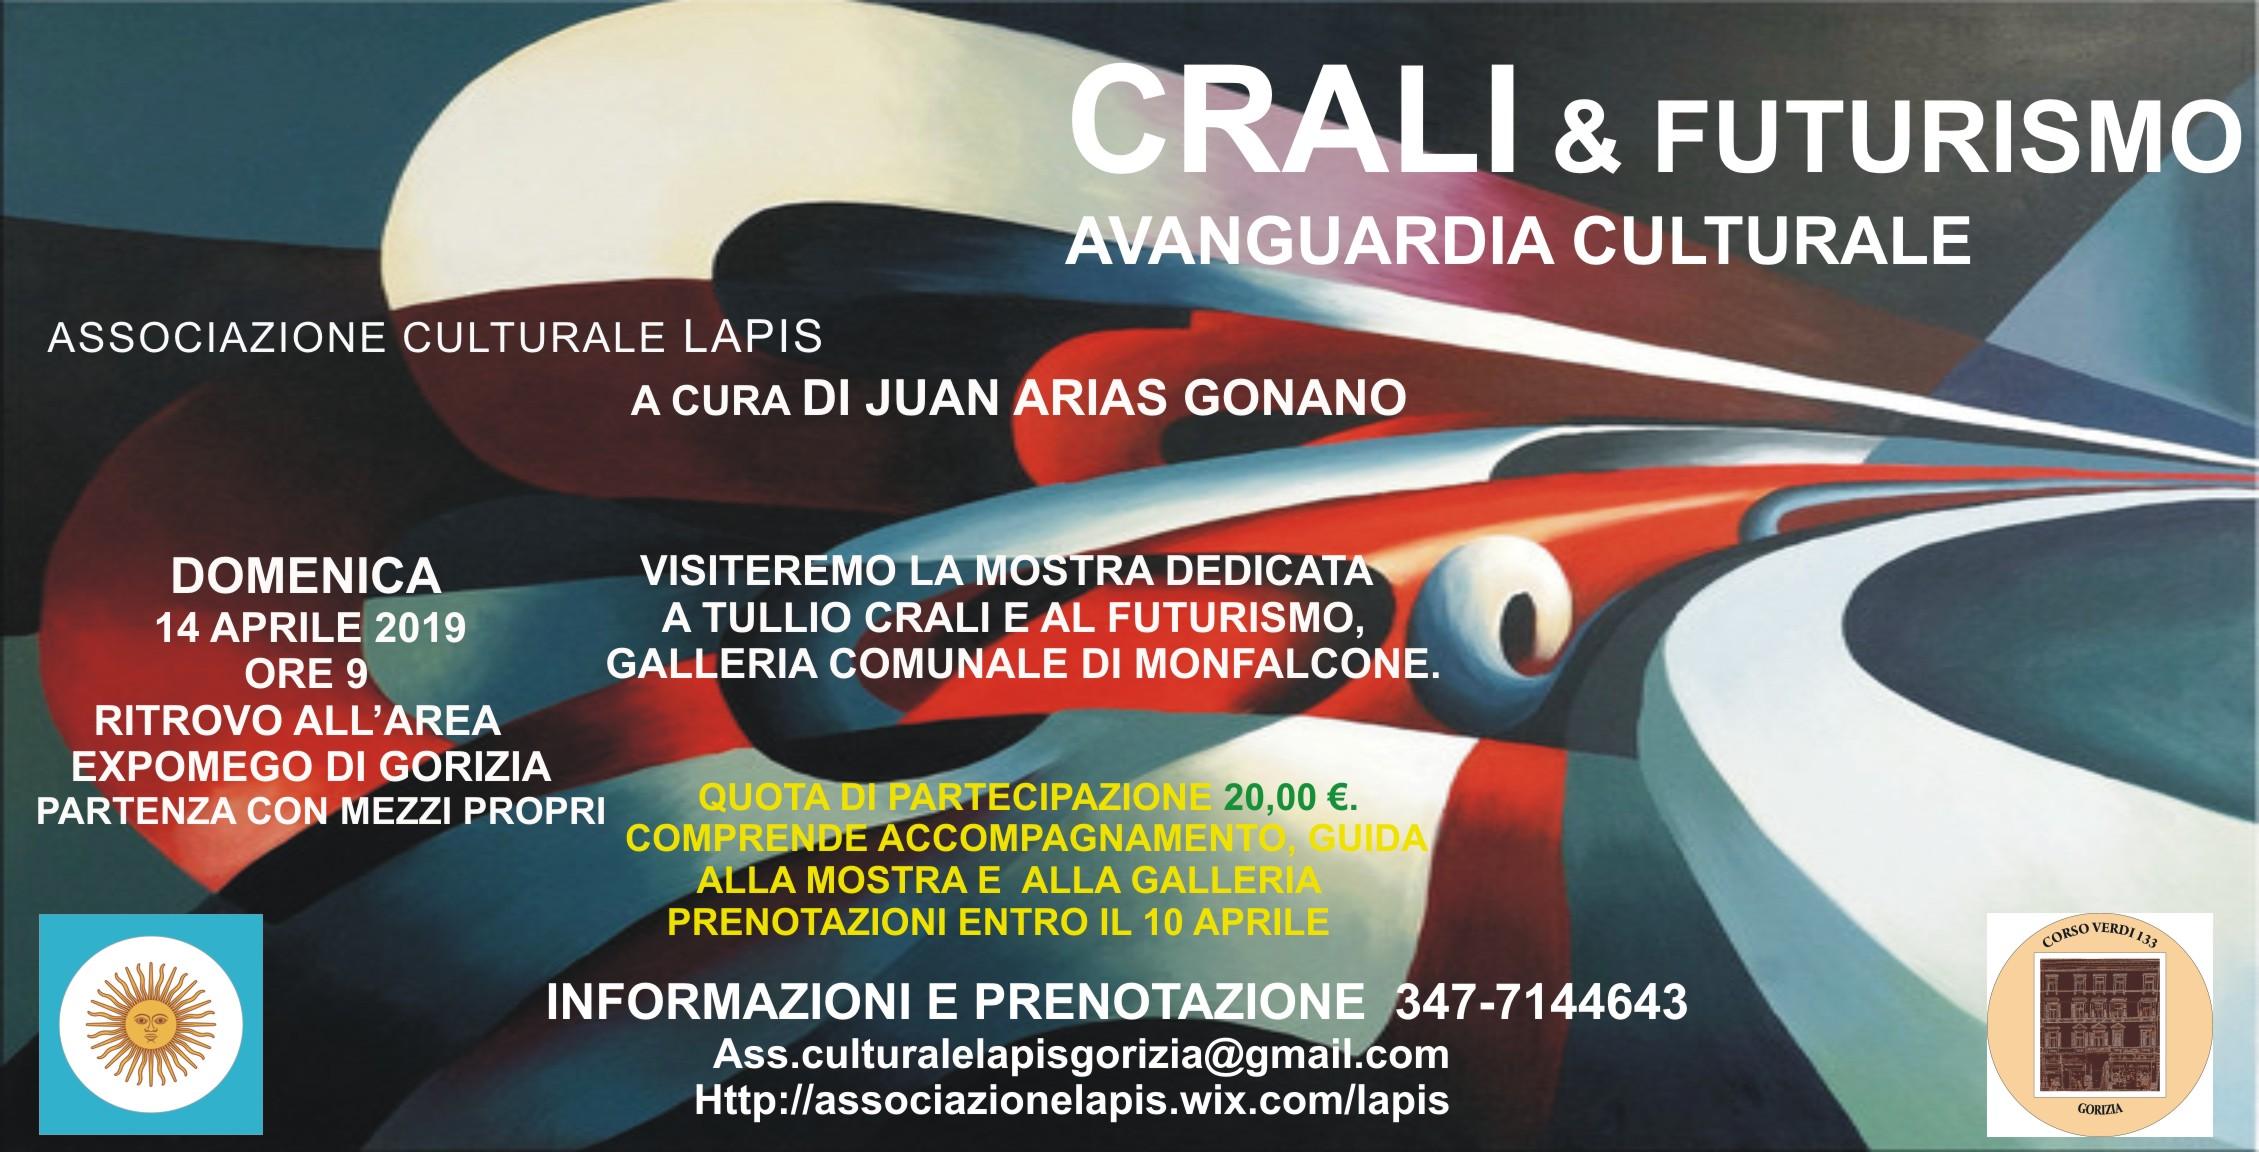 INVITO CRALI